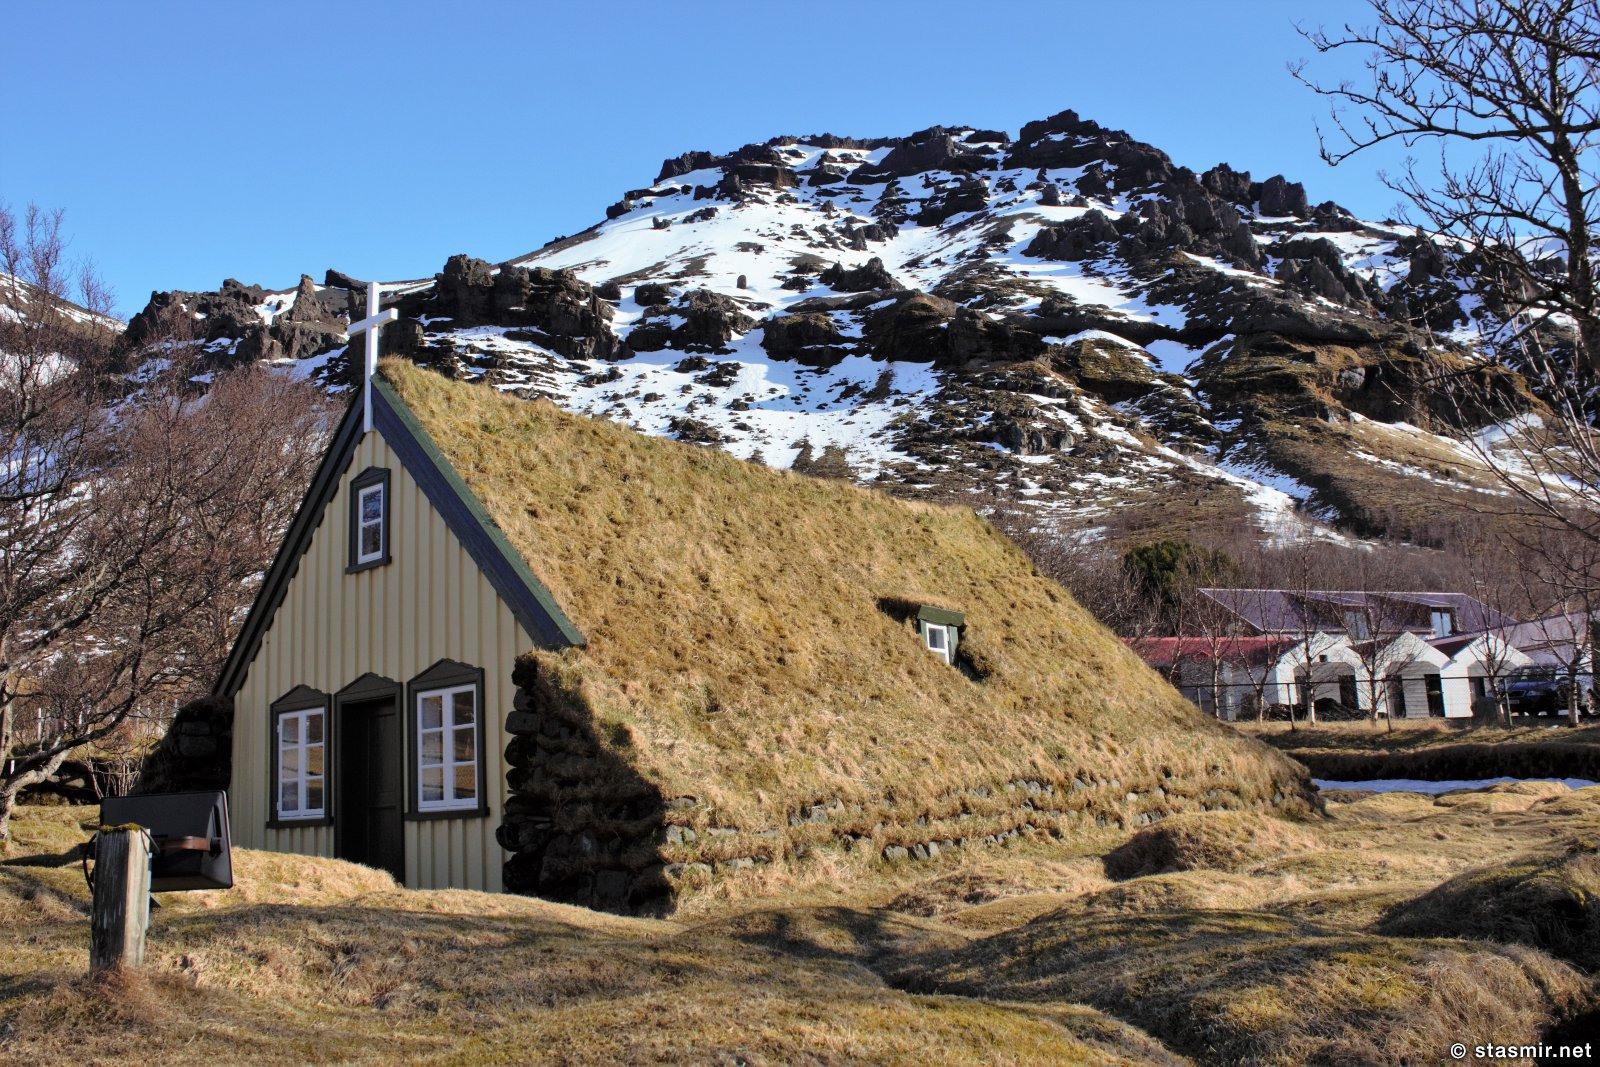 Hofskirkja, кирха-землянка, восточная Исландия, фото Стасмир,  photo Stasmir